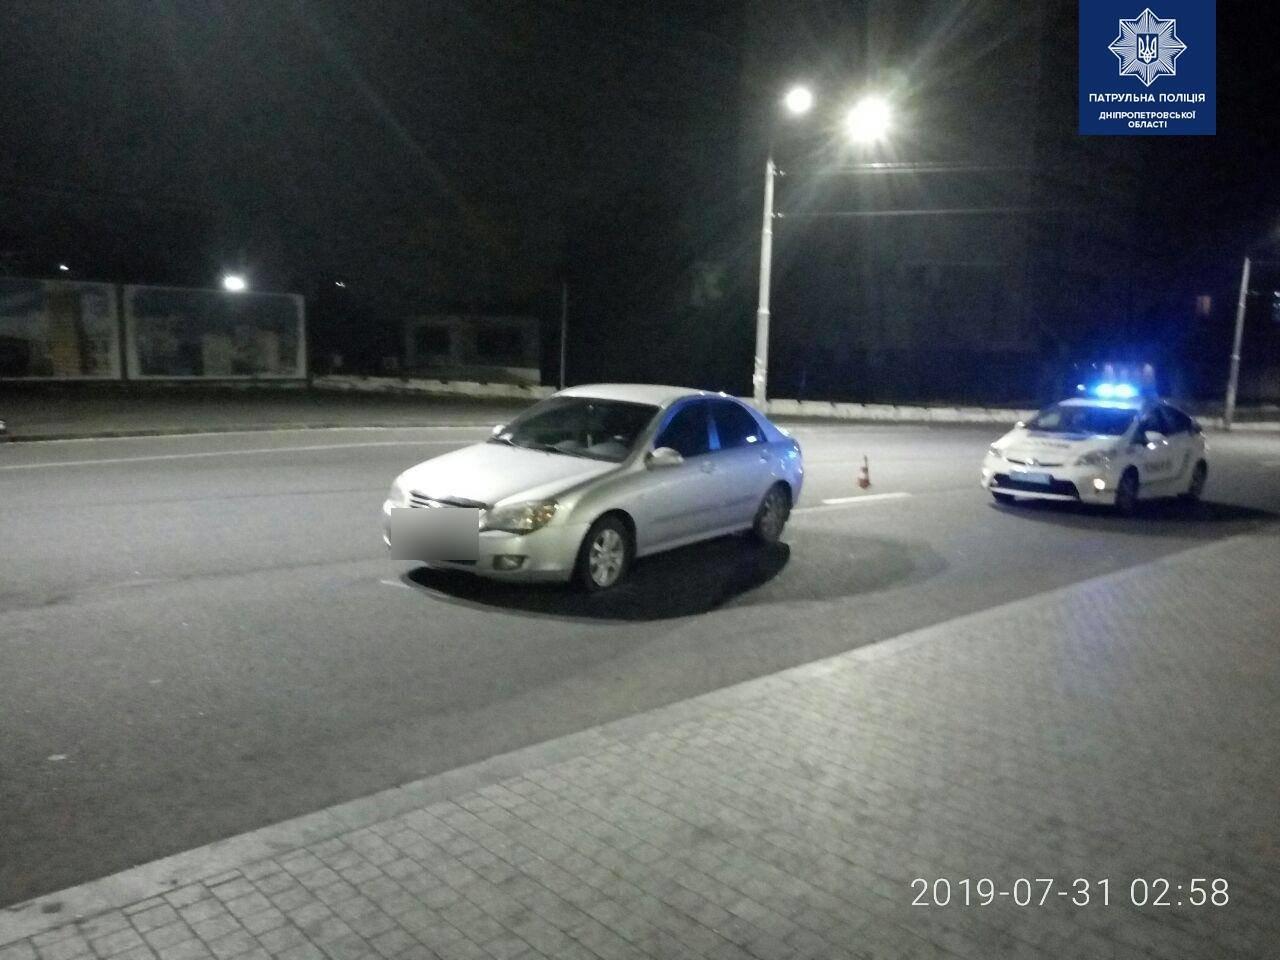 В Днепре задержали иномарку с пьяным 15-летним водителем внутри, - ФОТО, фото-1